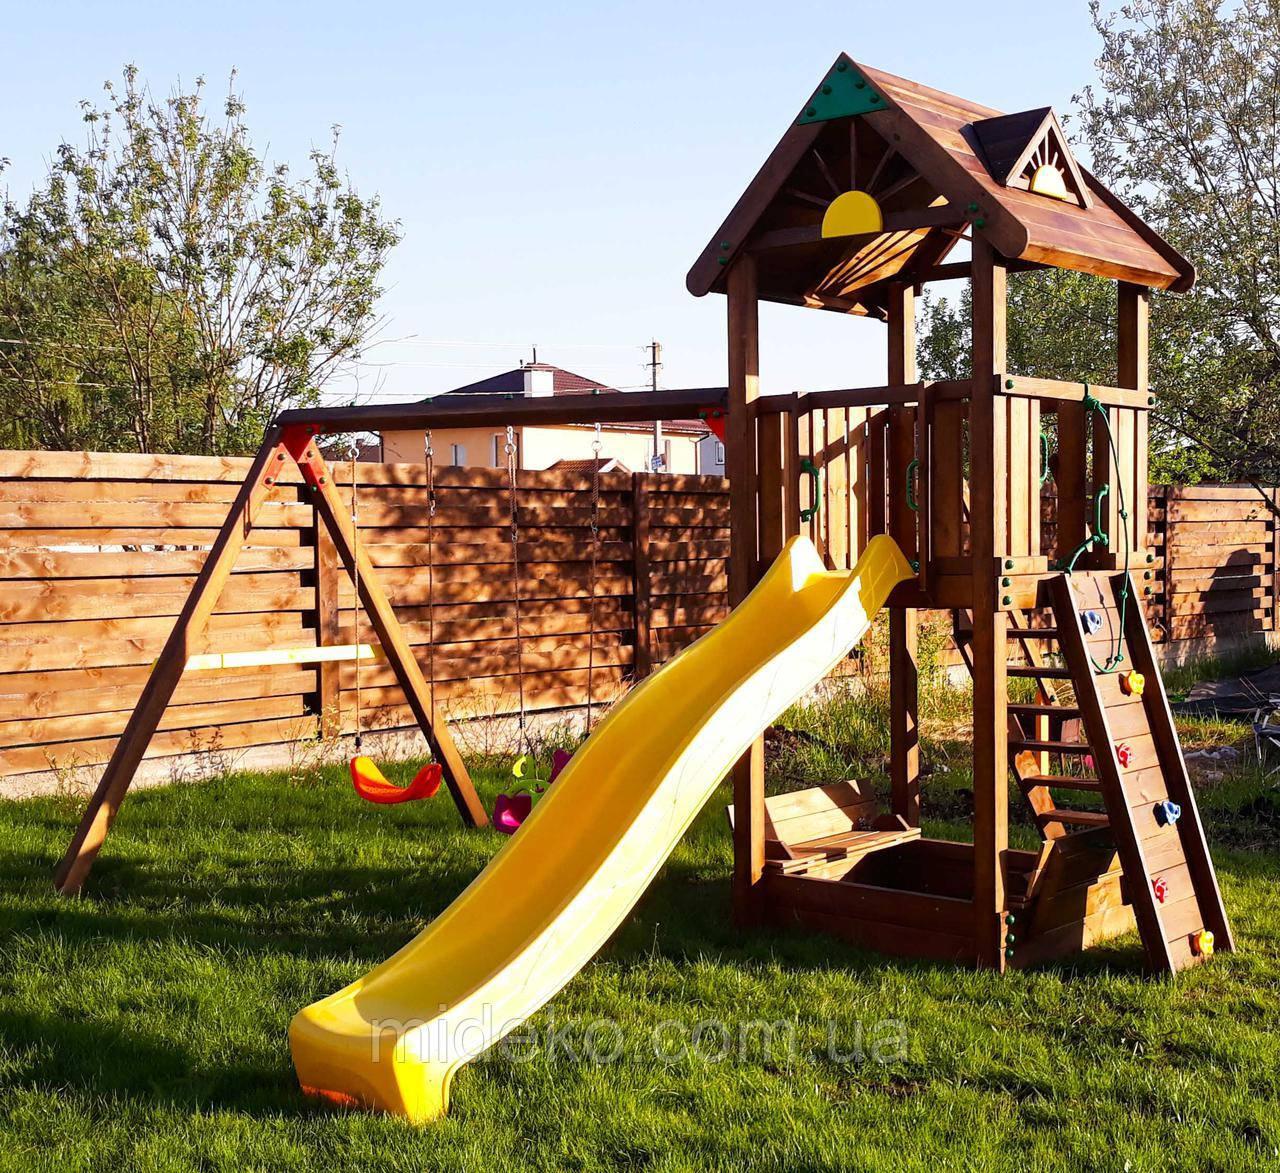 Детская площадка MIDEKO M 150 с двойной качелью, лазом и песочницей-трансформер